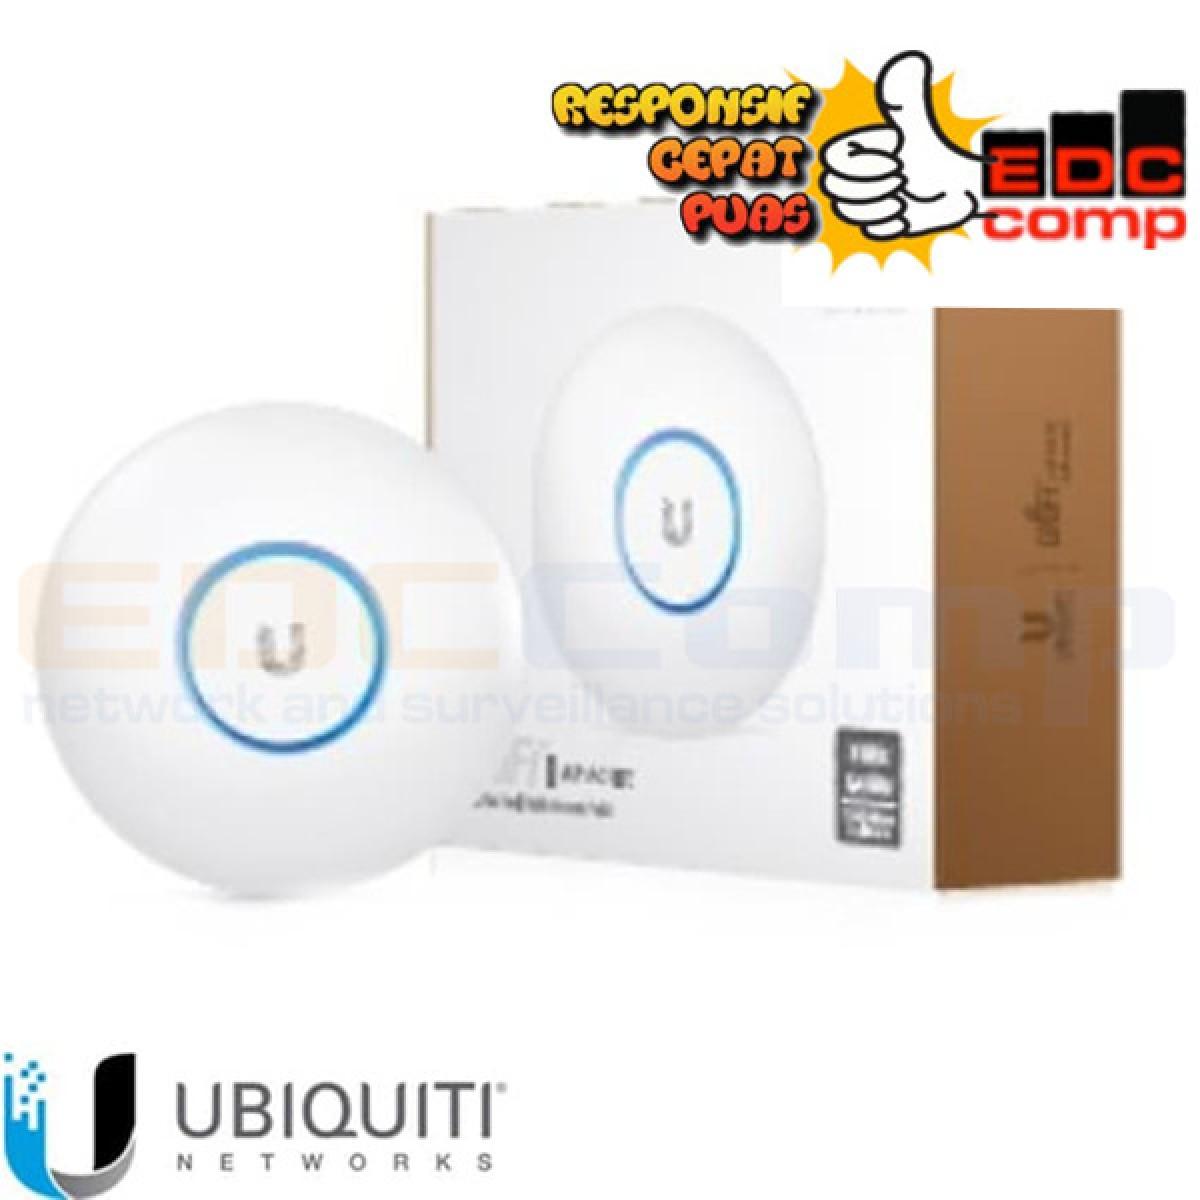 Ubiquiti UAP-AC-LR UBNT UAP AC LR / Unifi UAP-AC-LR - EdcComp